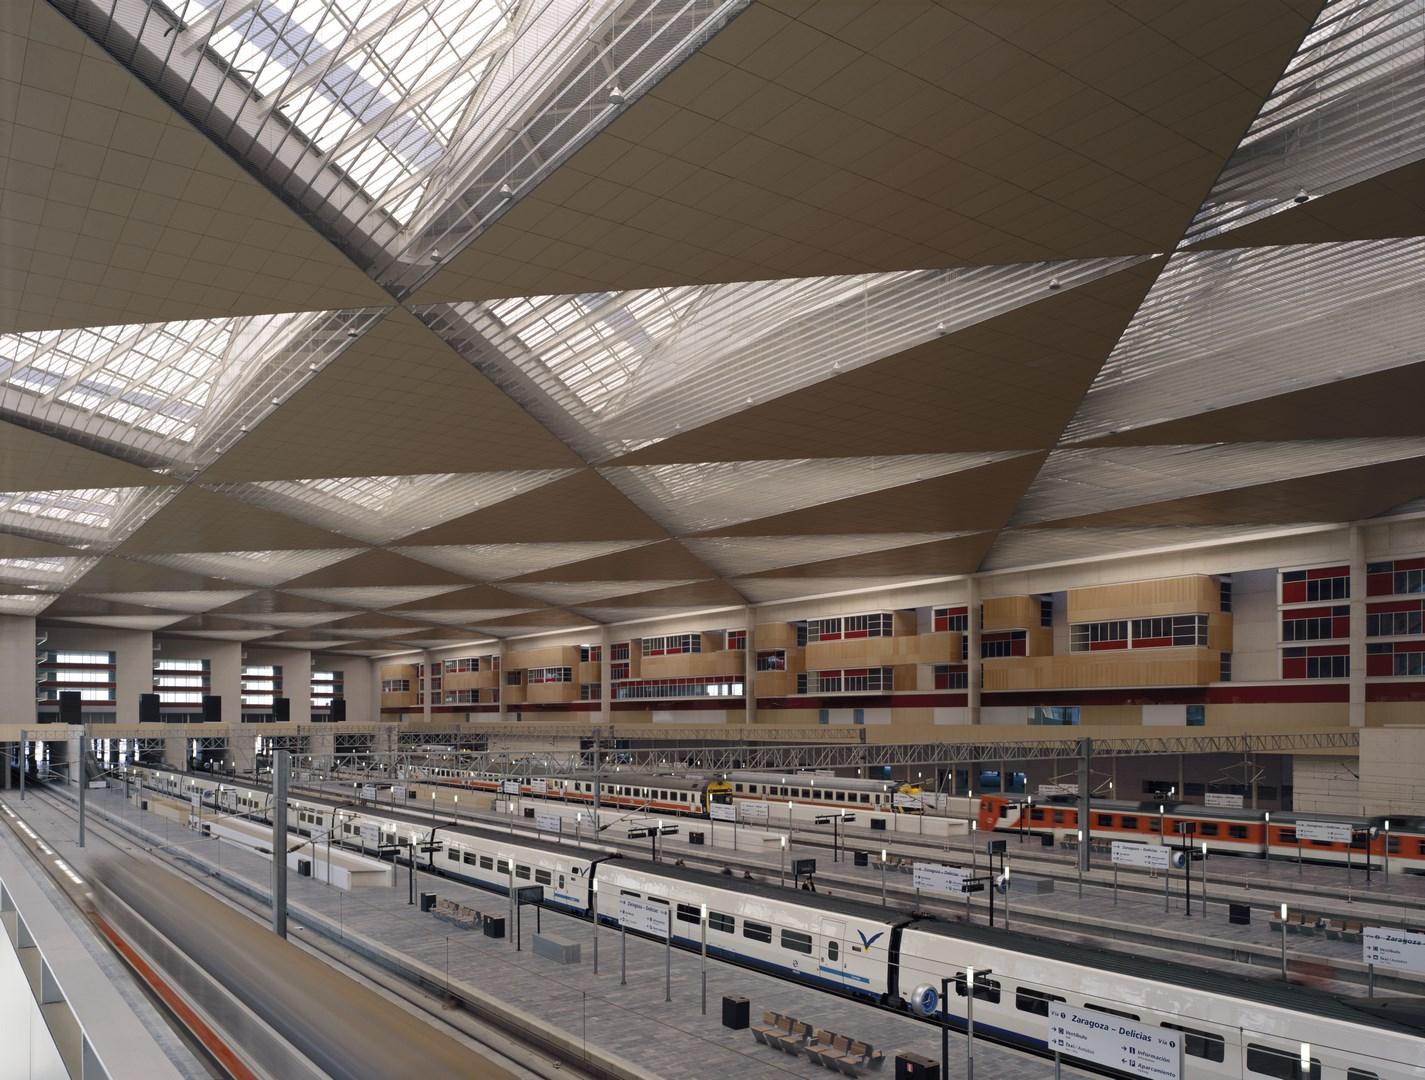 Tren estación